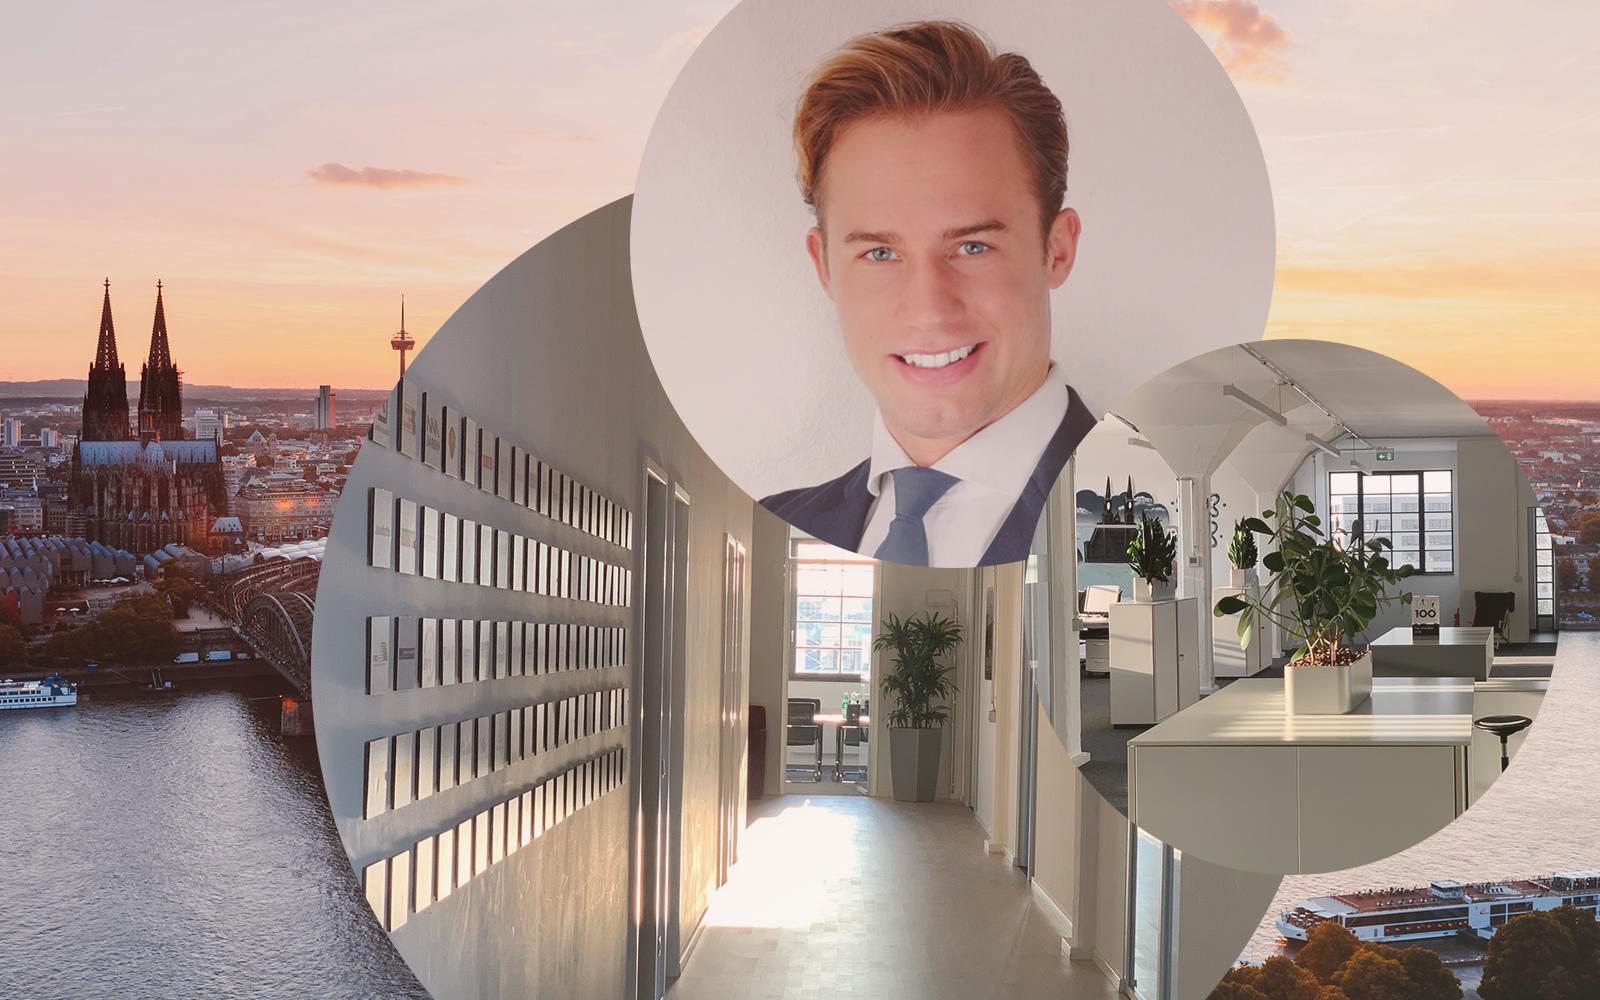 Bild von Christian, Consultant SAP S/4HANA Finance bei LINKIT Consulting - a valantic company, im Hintergrund die Büroräume von LINKIT sowie die Stadtansicht von Köln